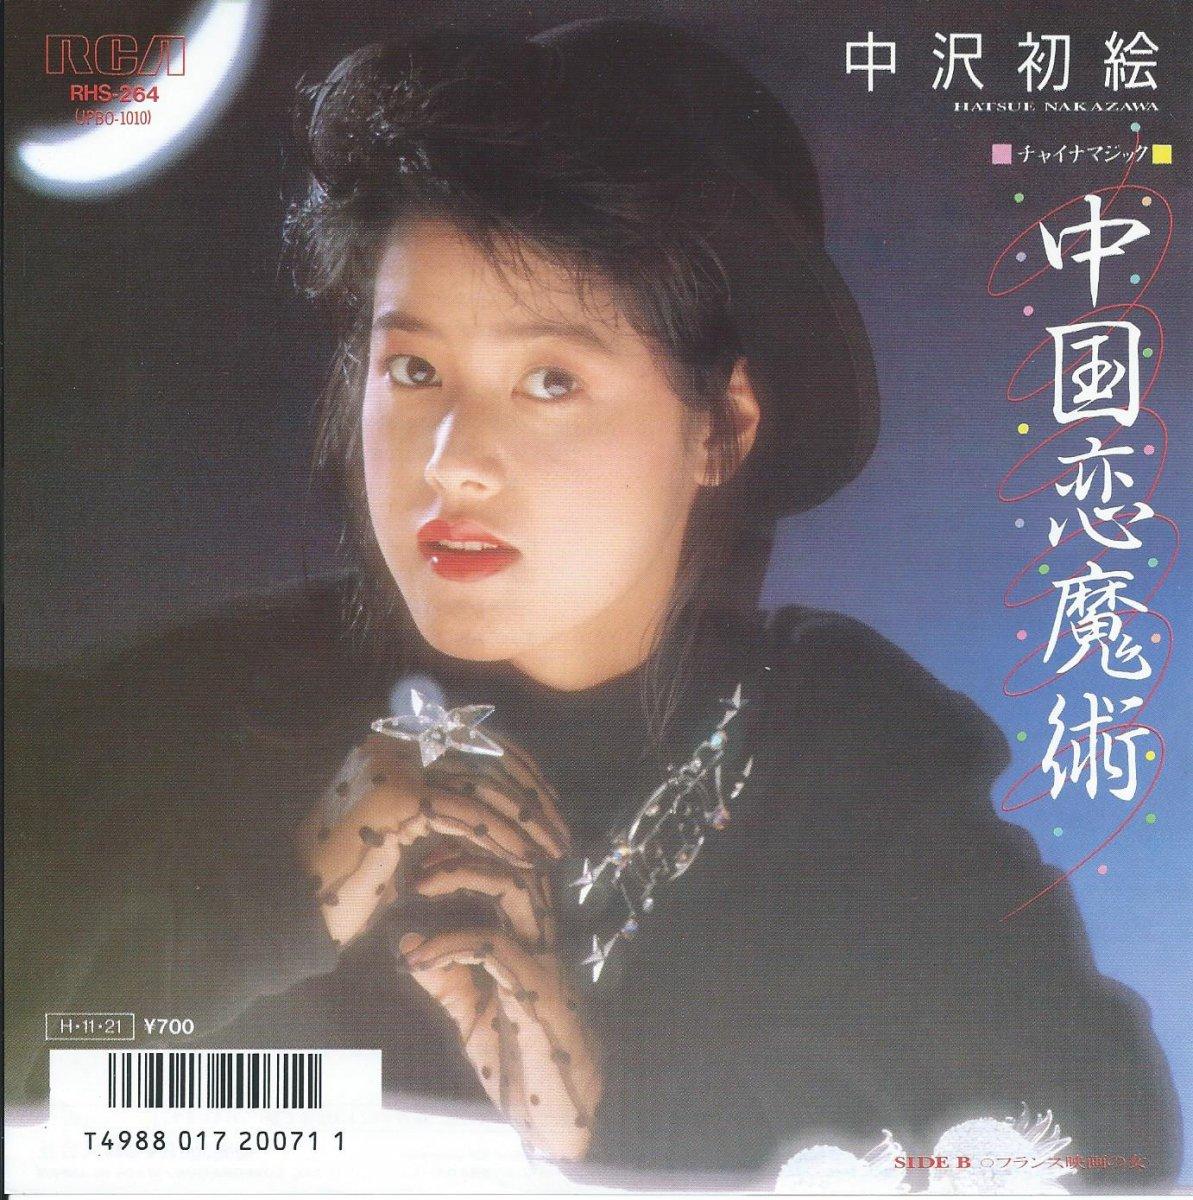 中沢初絵 HATSUE NAKAZAWA (椎名和夫) / 中国恋魔術〜チャイナマジック〜 (7